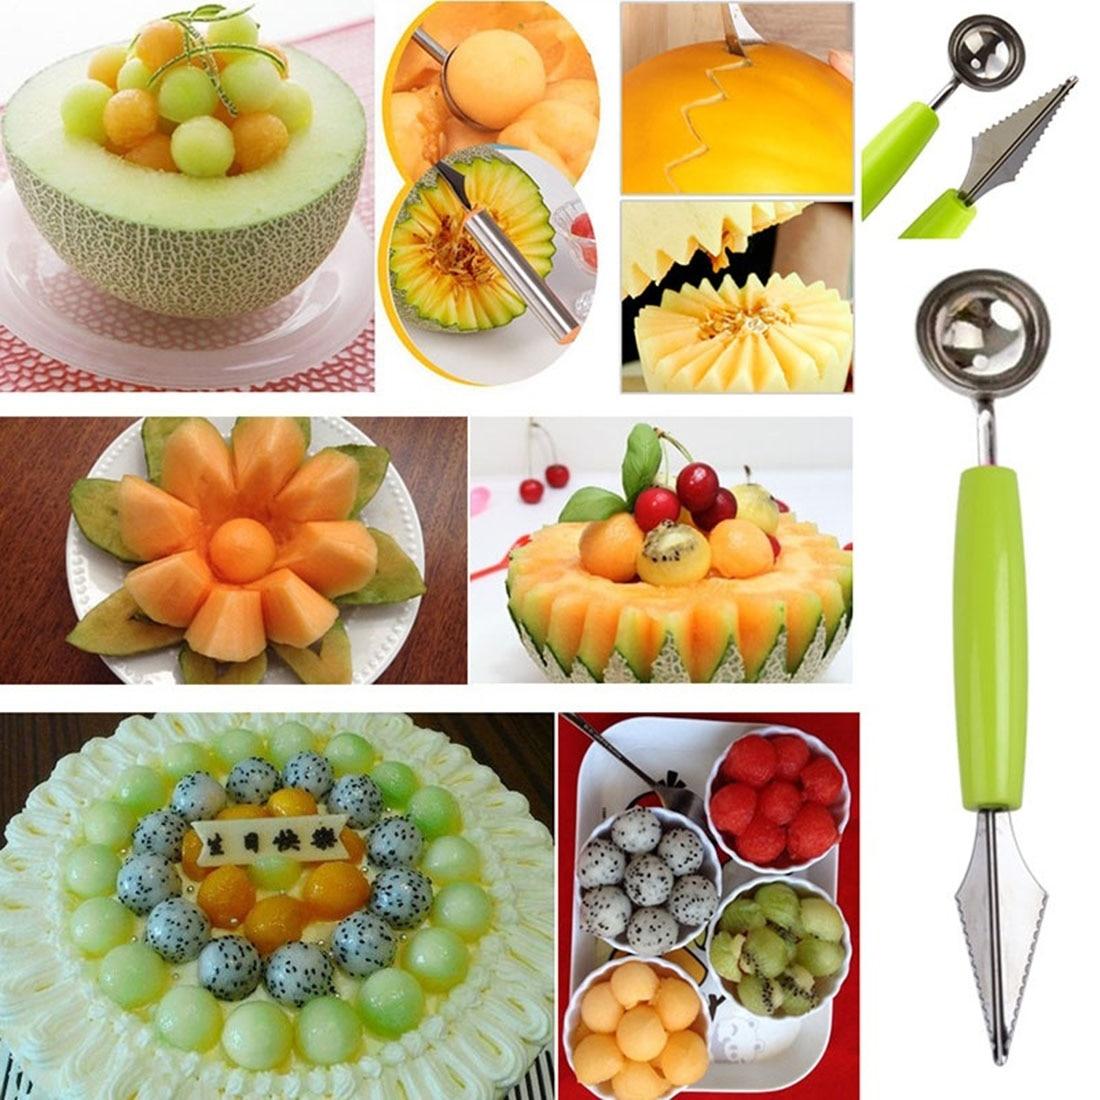 Useful kitchen plastic model cooking fruits slicers